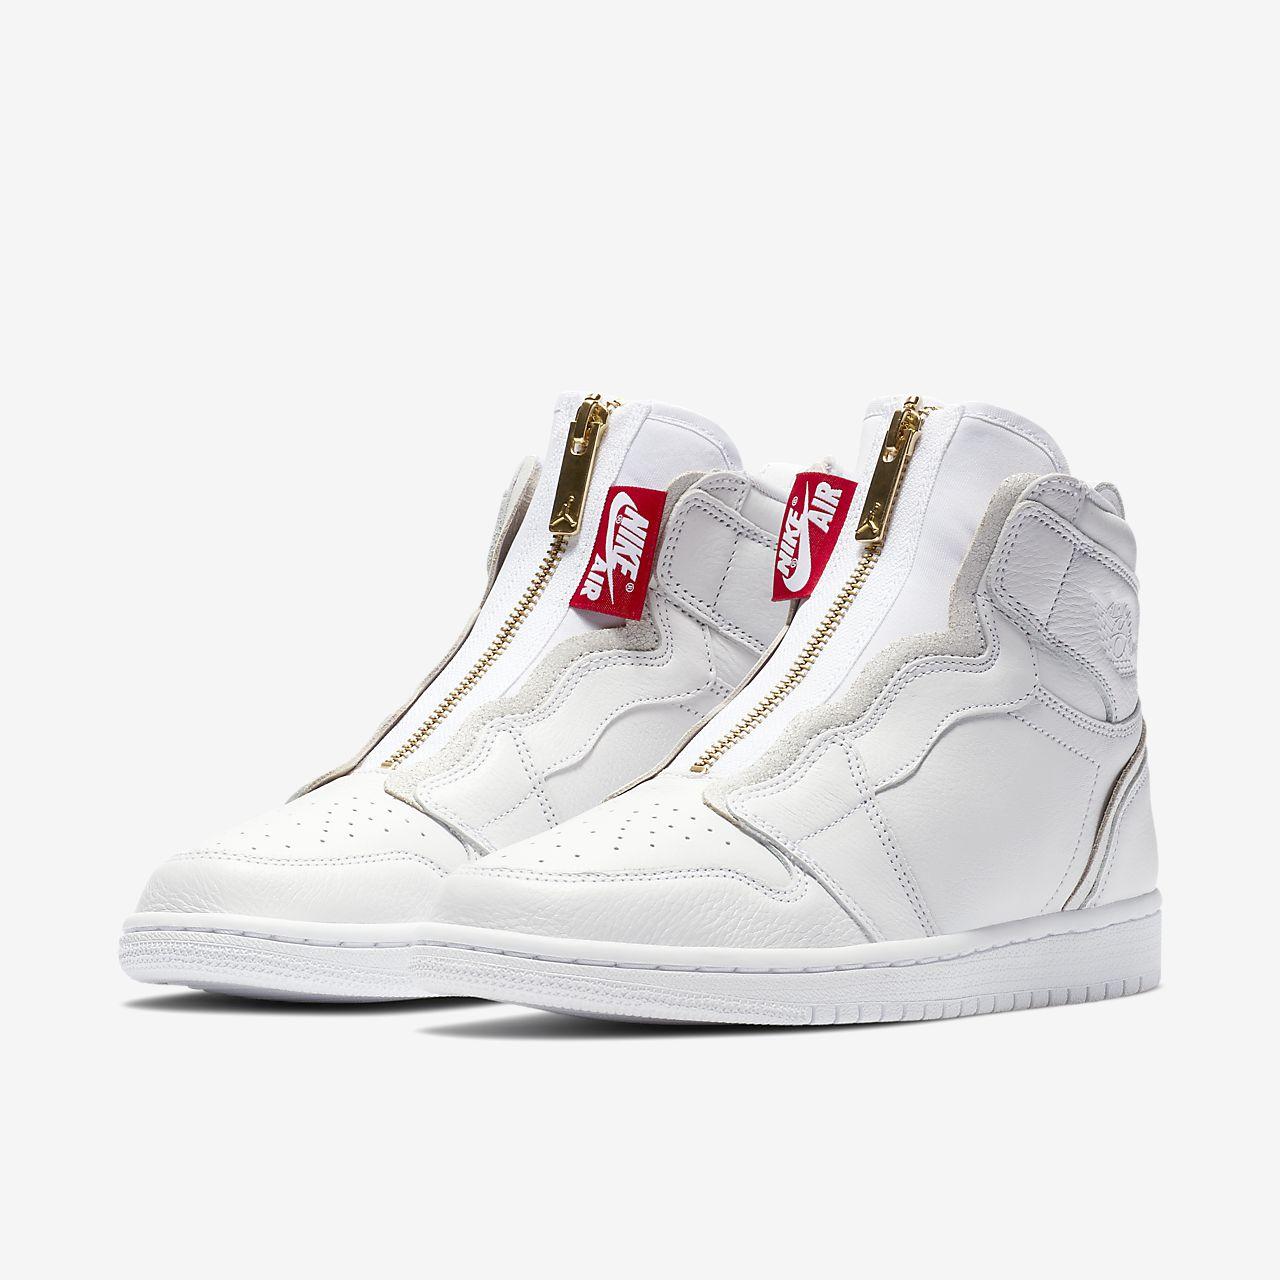 hogyan kell vásárolni kivezetés jó minőségű Nike Utcai Cipő Akció - Női Nike Air Jordan 1 Magasszárú Cipzáros ...